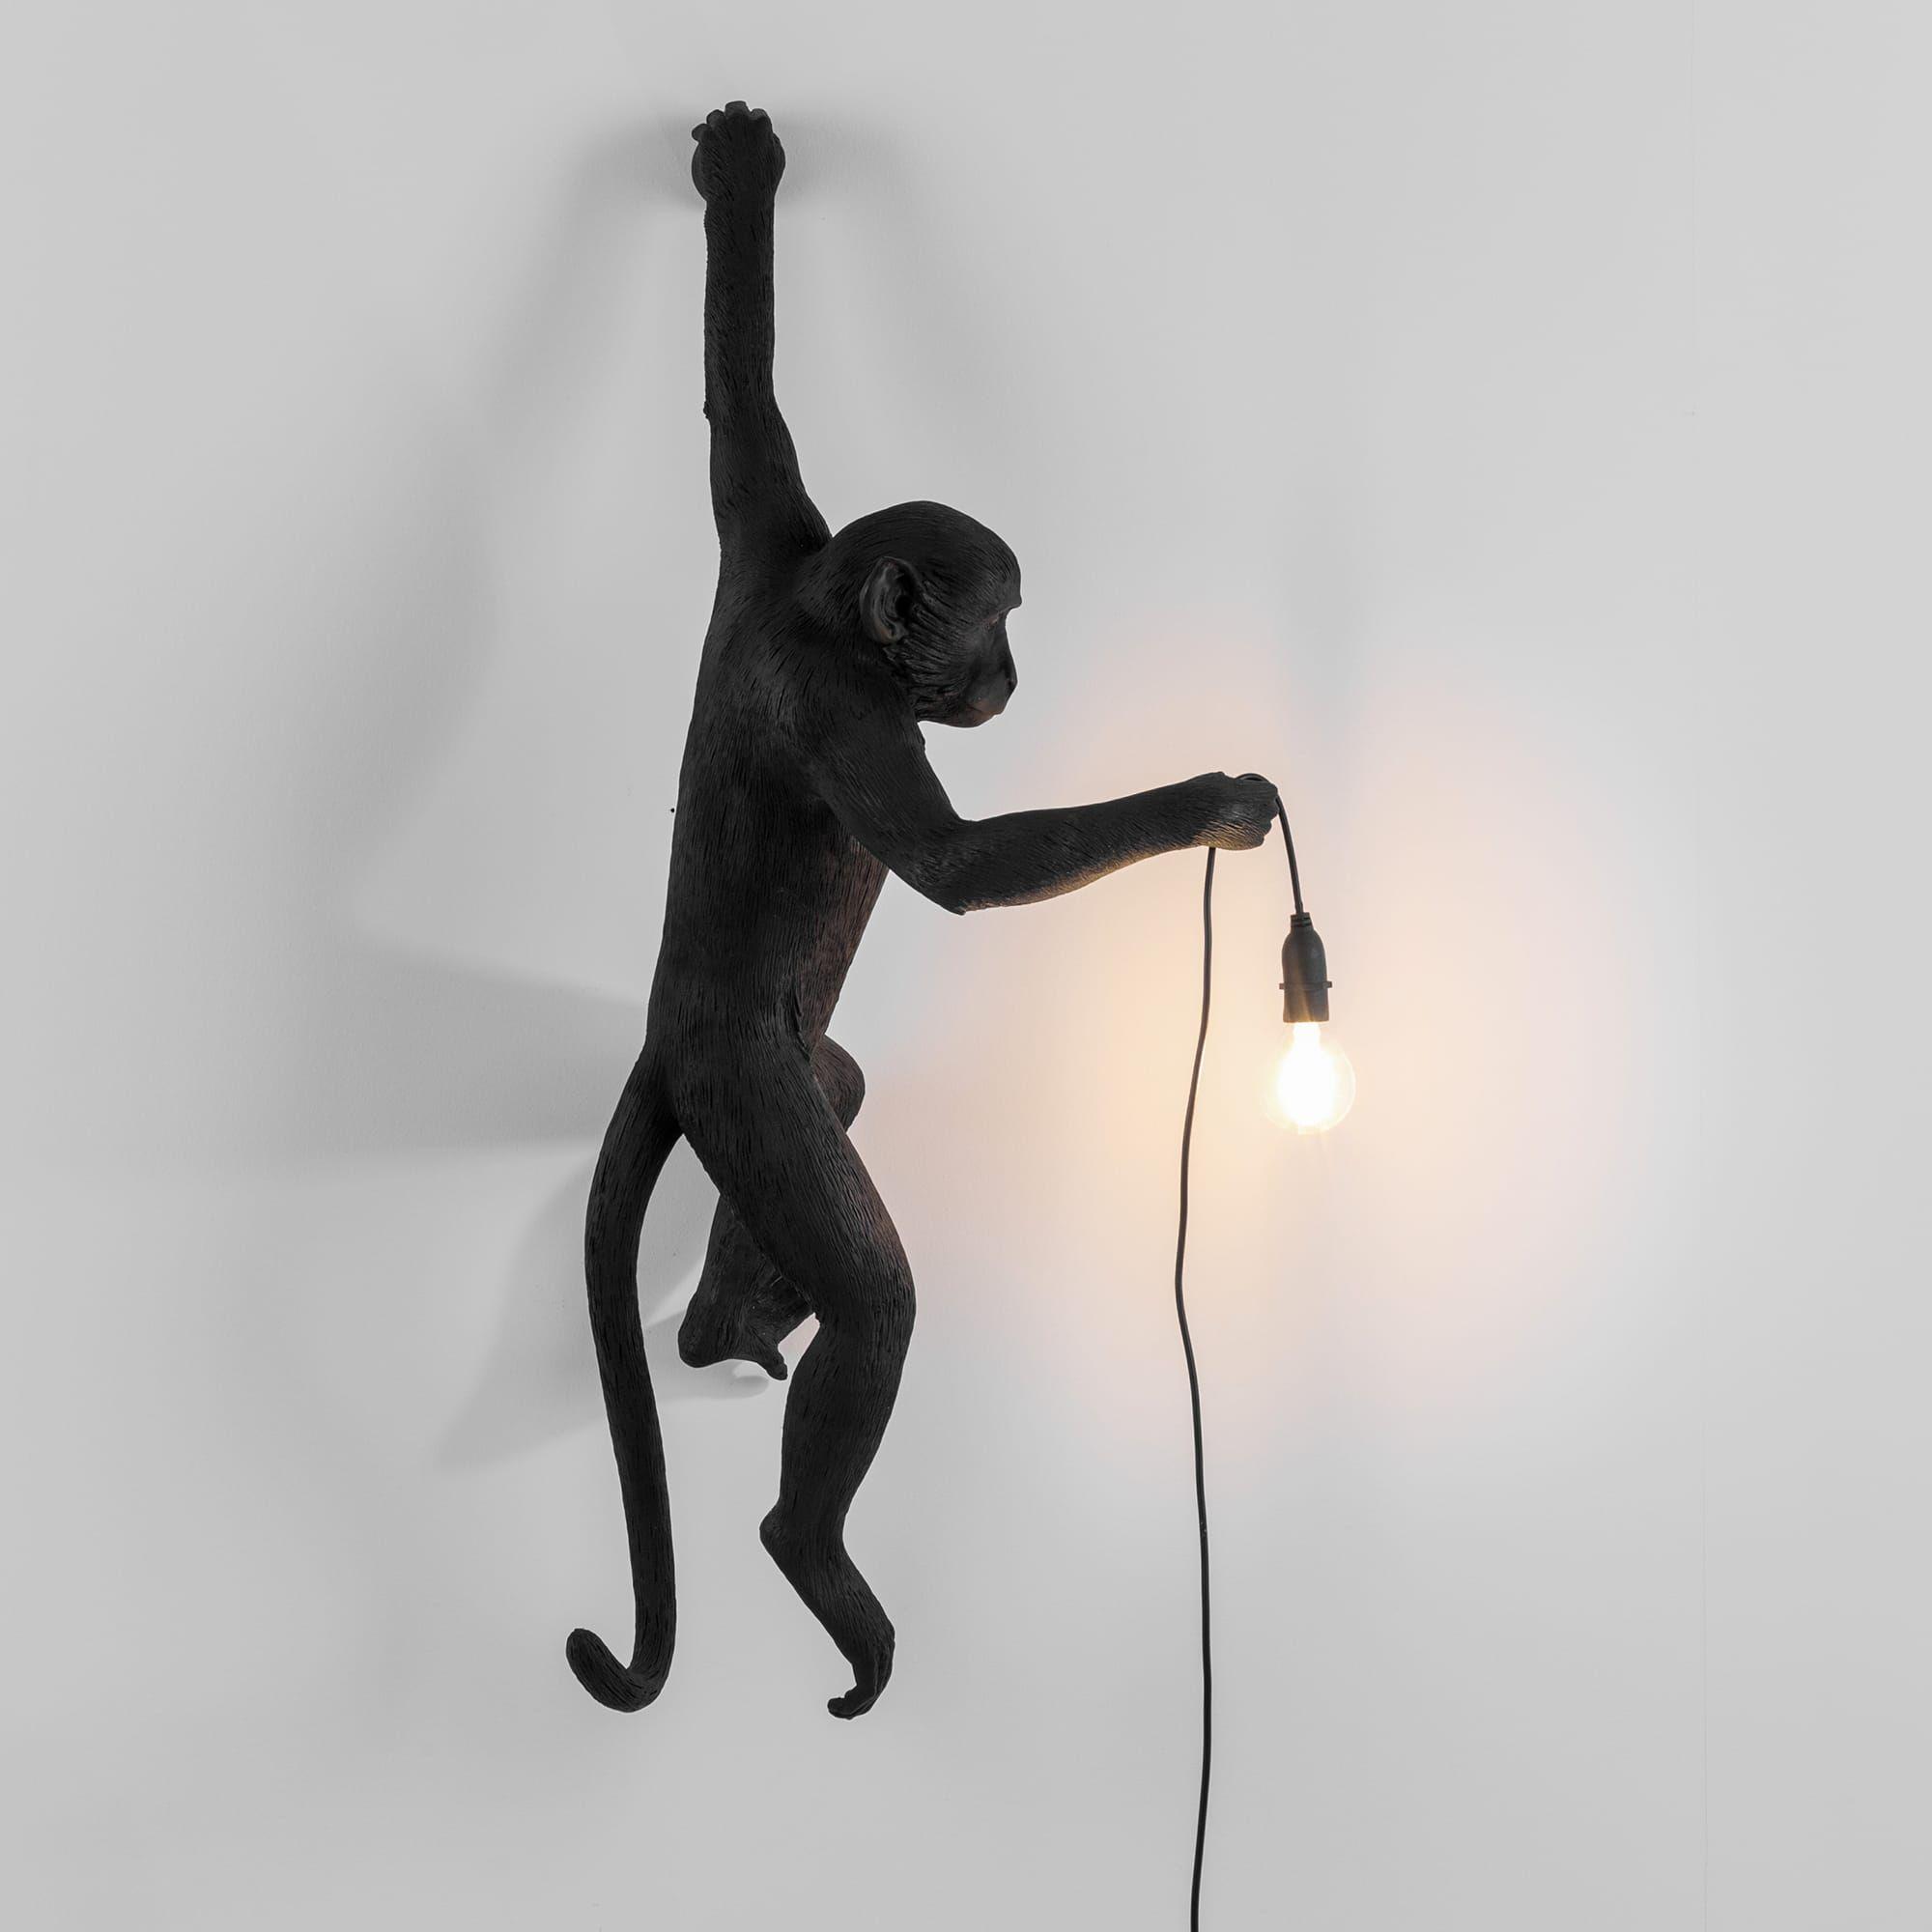 Hanging Monkey van Seletti is een zwartehangende aap met een lamp in zijn hand. Deze lamp bevestig je door een handje aan de muur en in zijn andere handje zit het lamp snoer met een lichtbron.